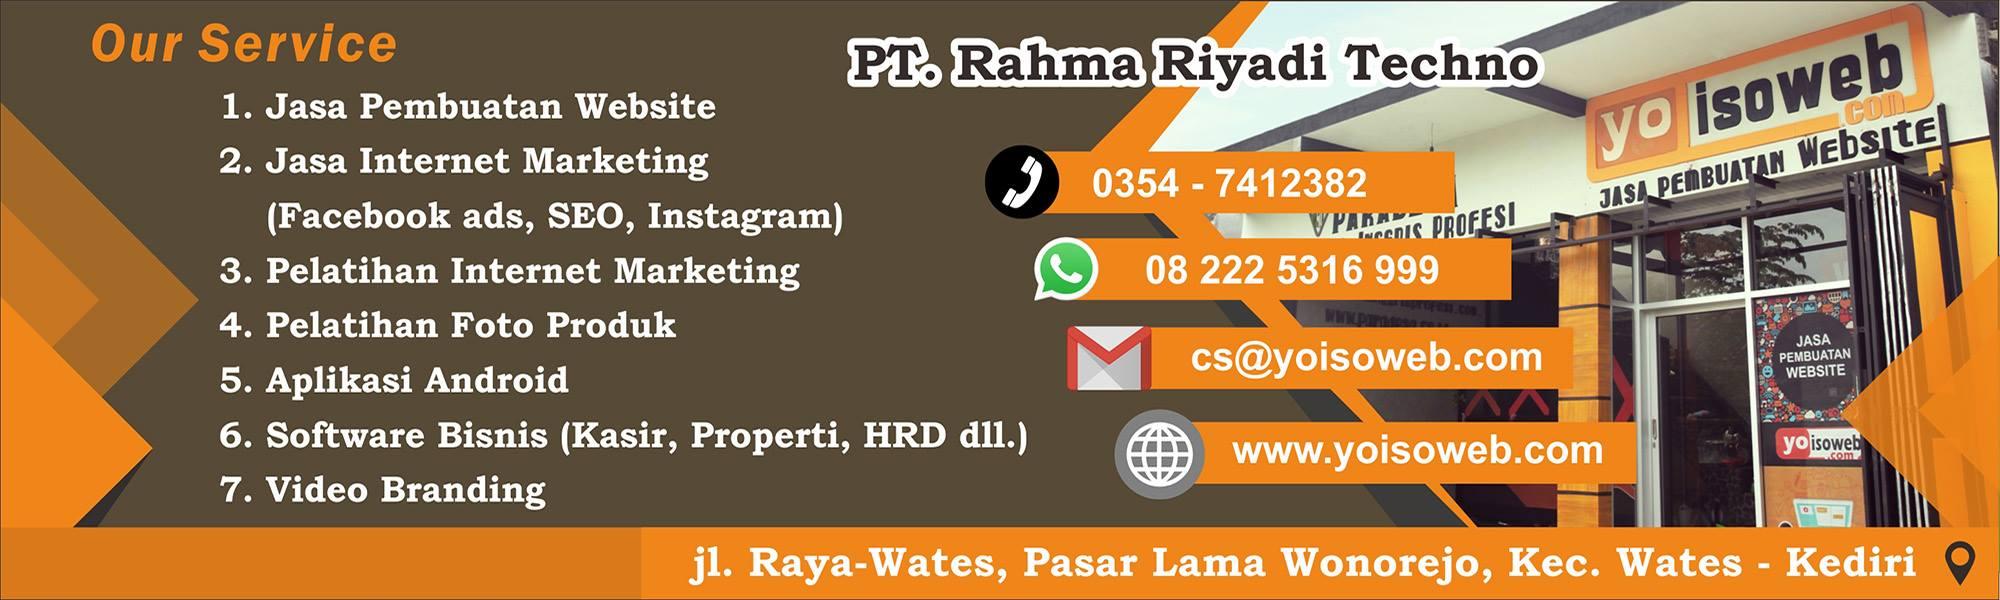 Jasa Website Rumah Sakit Klungkung 085695285999